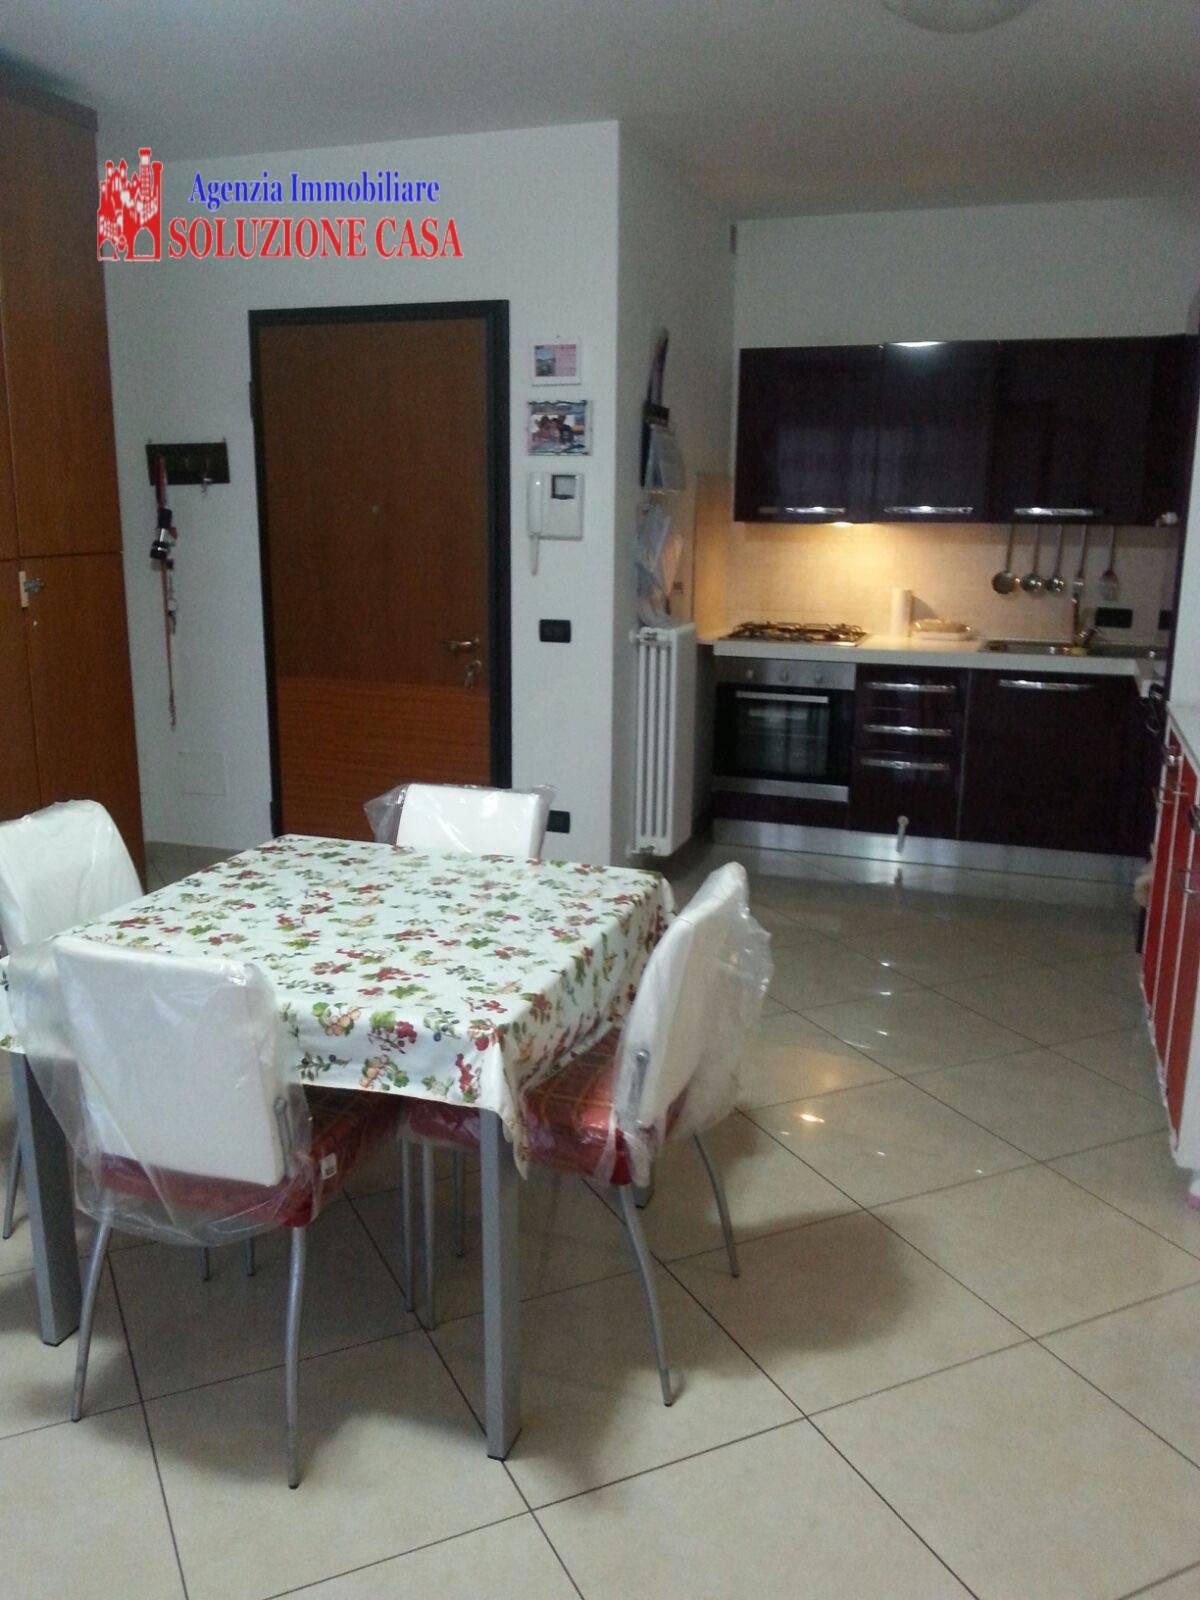 Appartamento in vendita a Pieve di Cento, 3 locali, prezzo € 125.000 | Cambio Casa.it